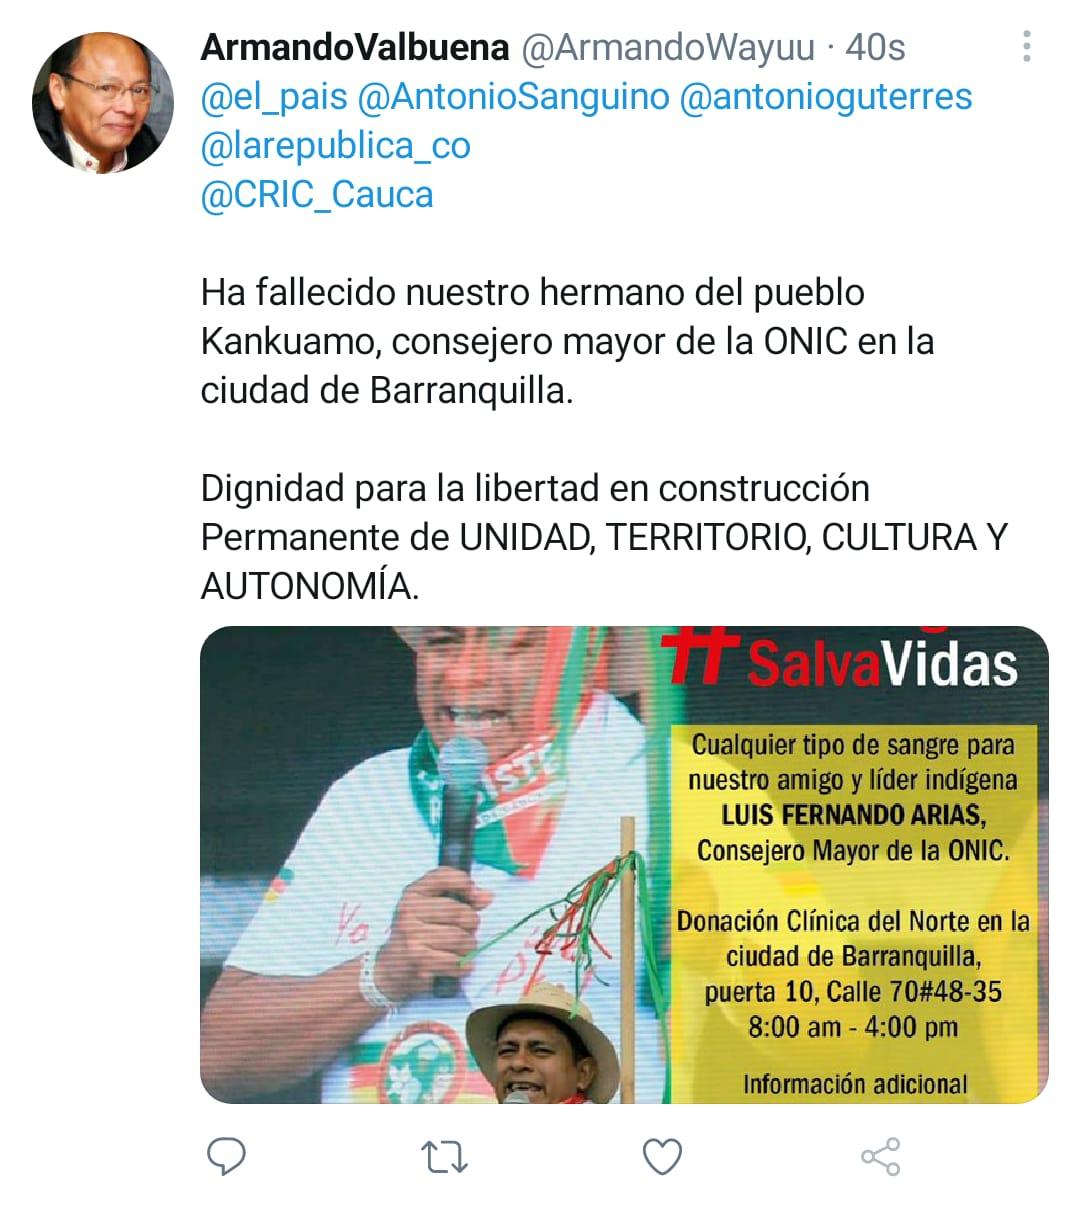 Tomada desde el perfil del líder indígena Armando Valbuena